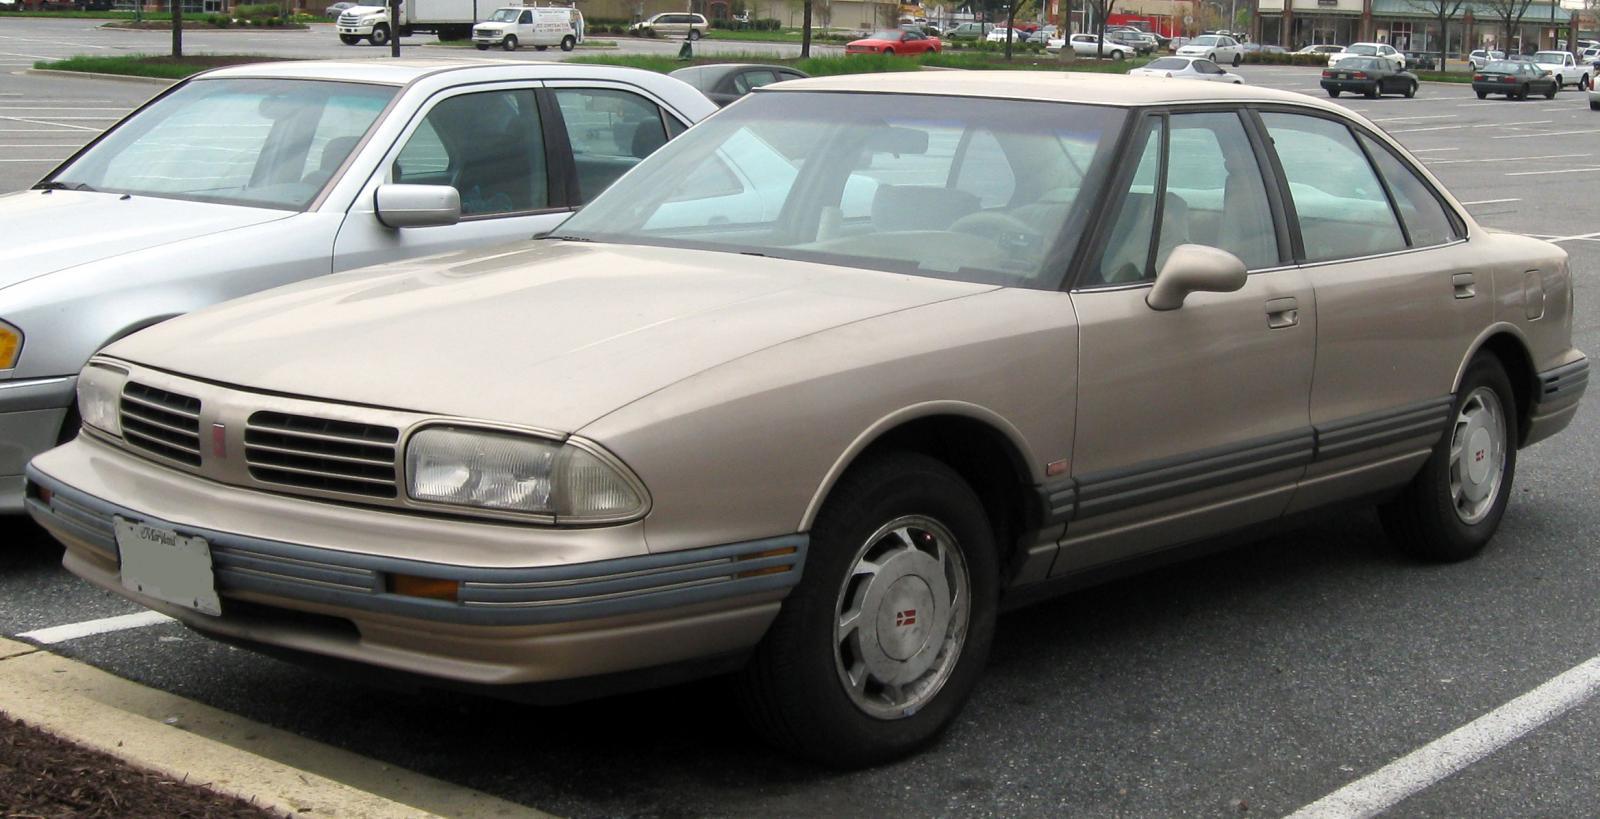 800 1024 1280 1600 origin 1994 Oldsmobile ...